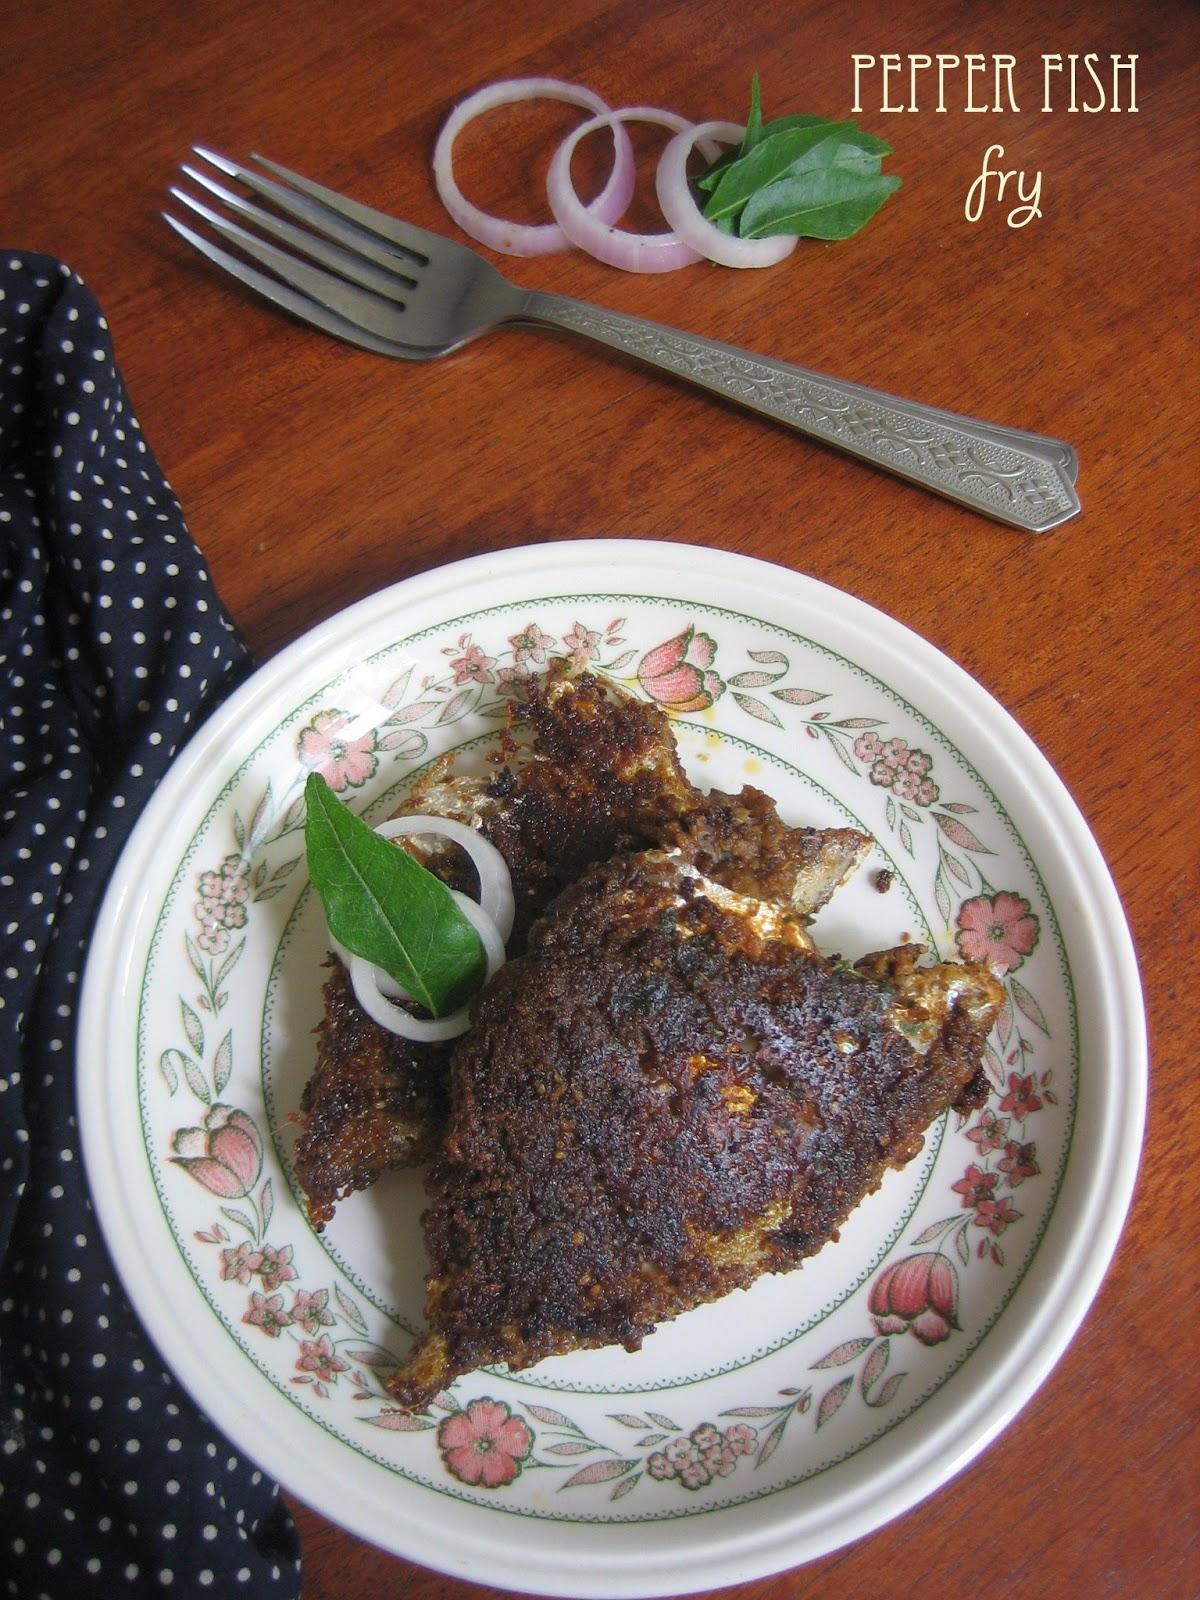 Lemon pepper fish sides recipes lemon pepper fish sides for Sides for fried fish